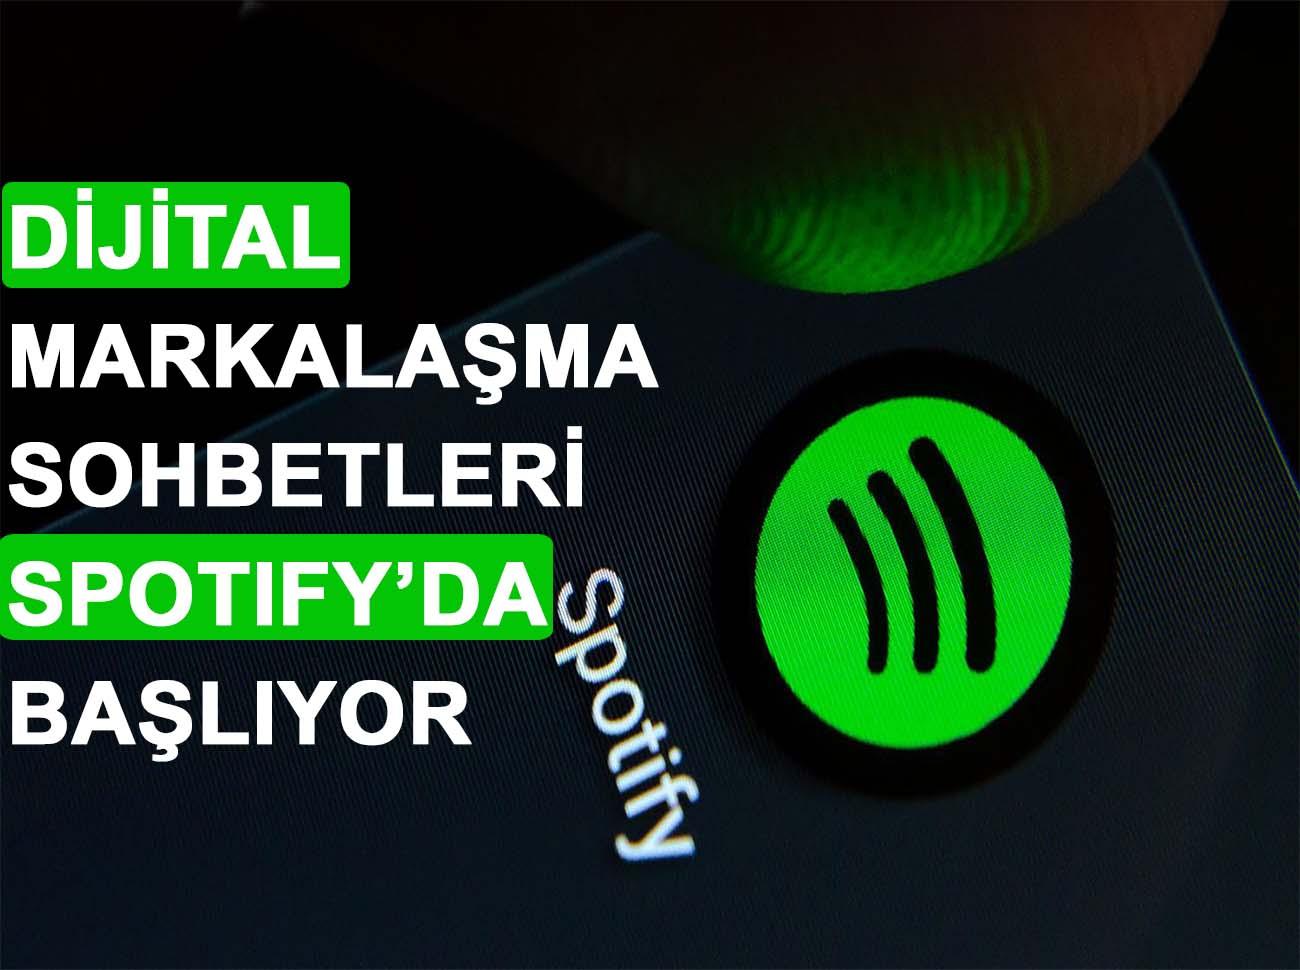 Dijital Markalaşma Sohbetleri Spotify'da Başlıyor